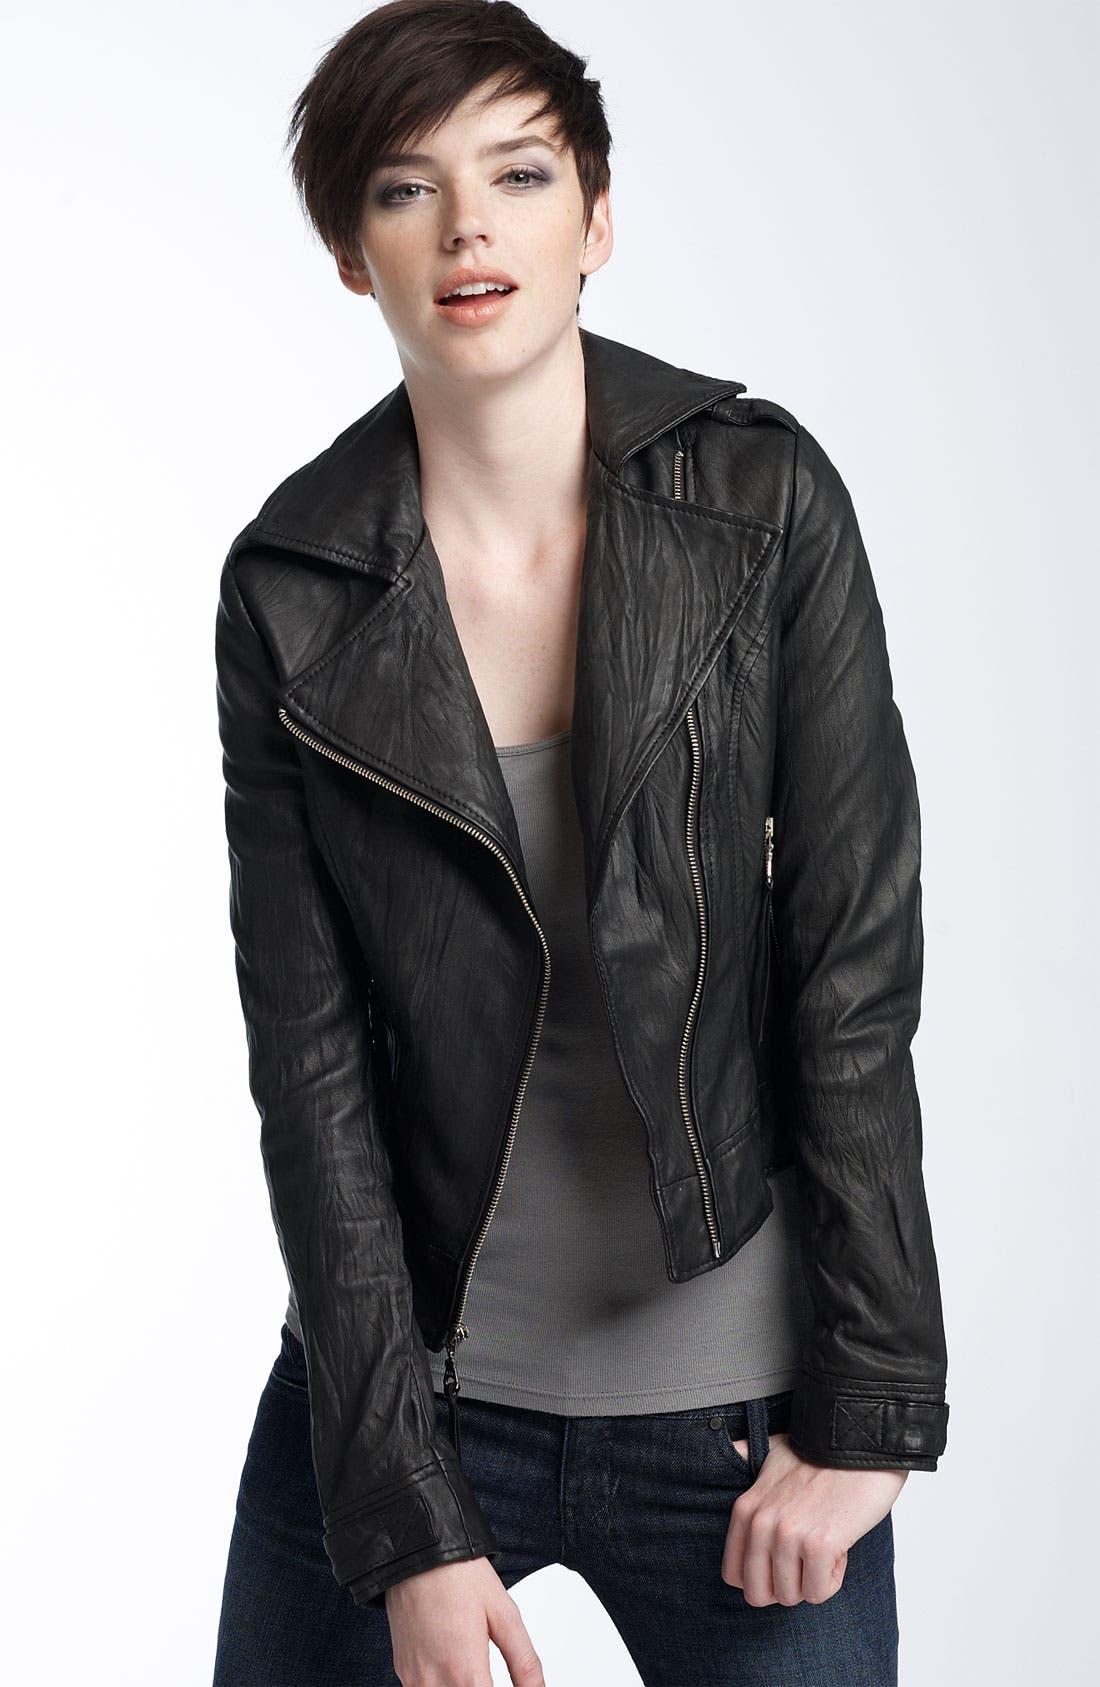 Main Image - Kenna-T Washed Leather Jacket